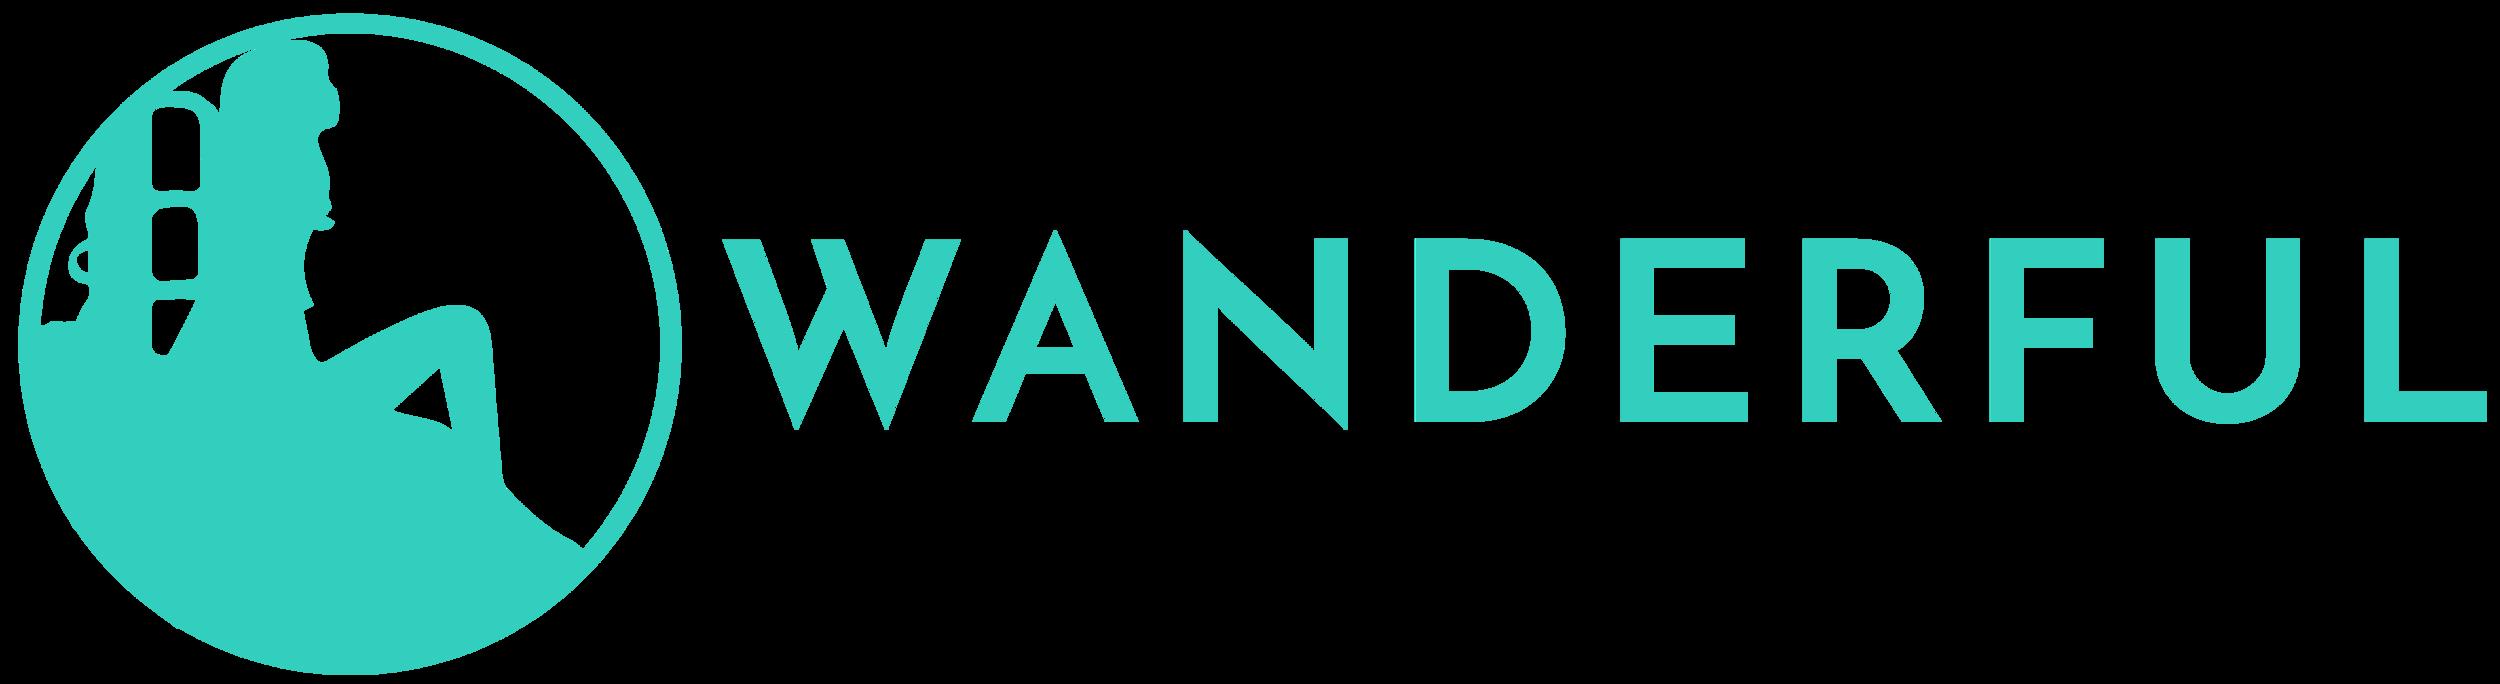 Wanderful